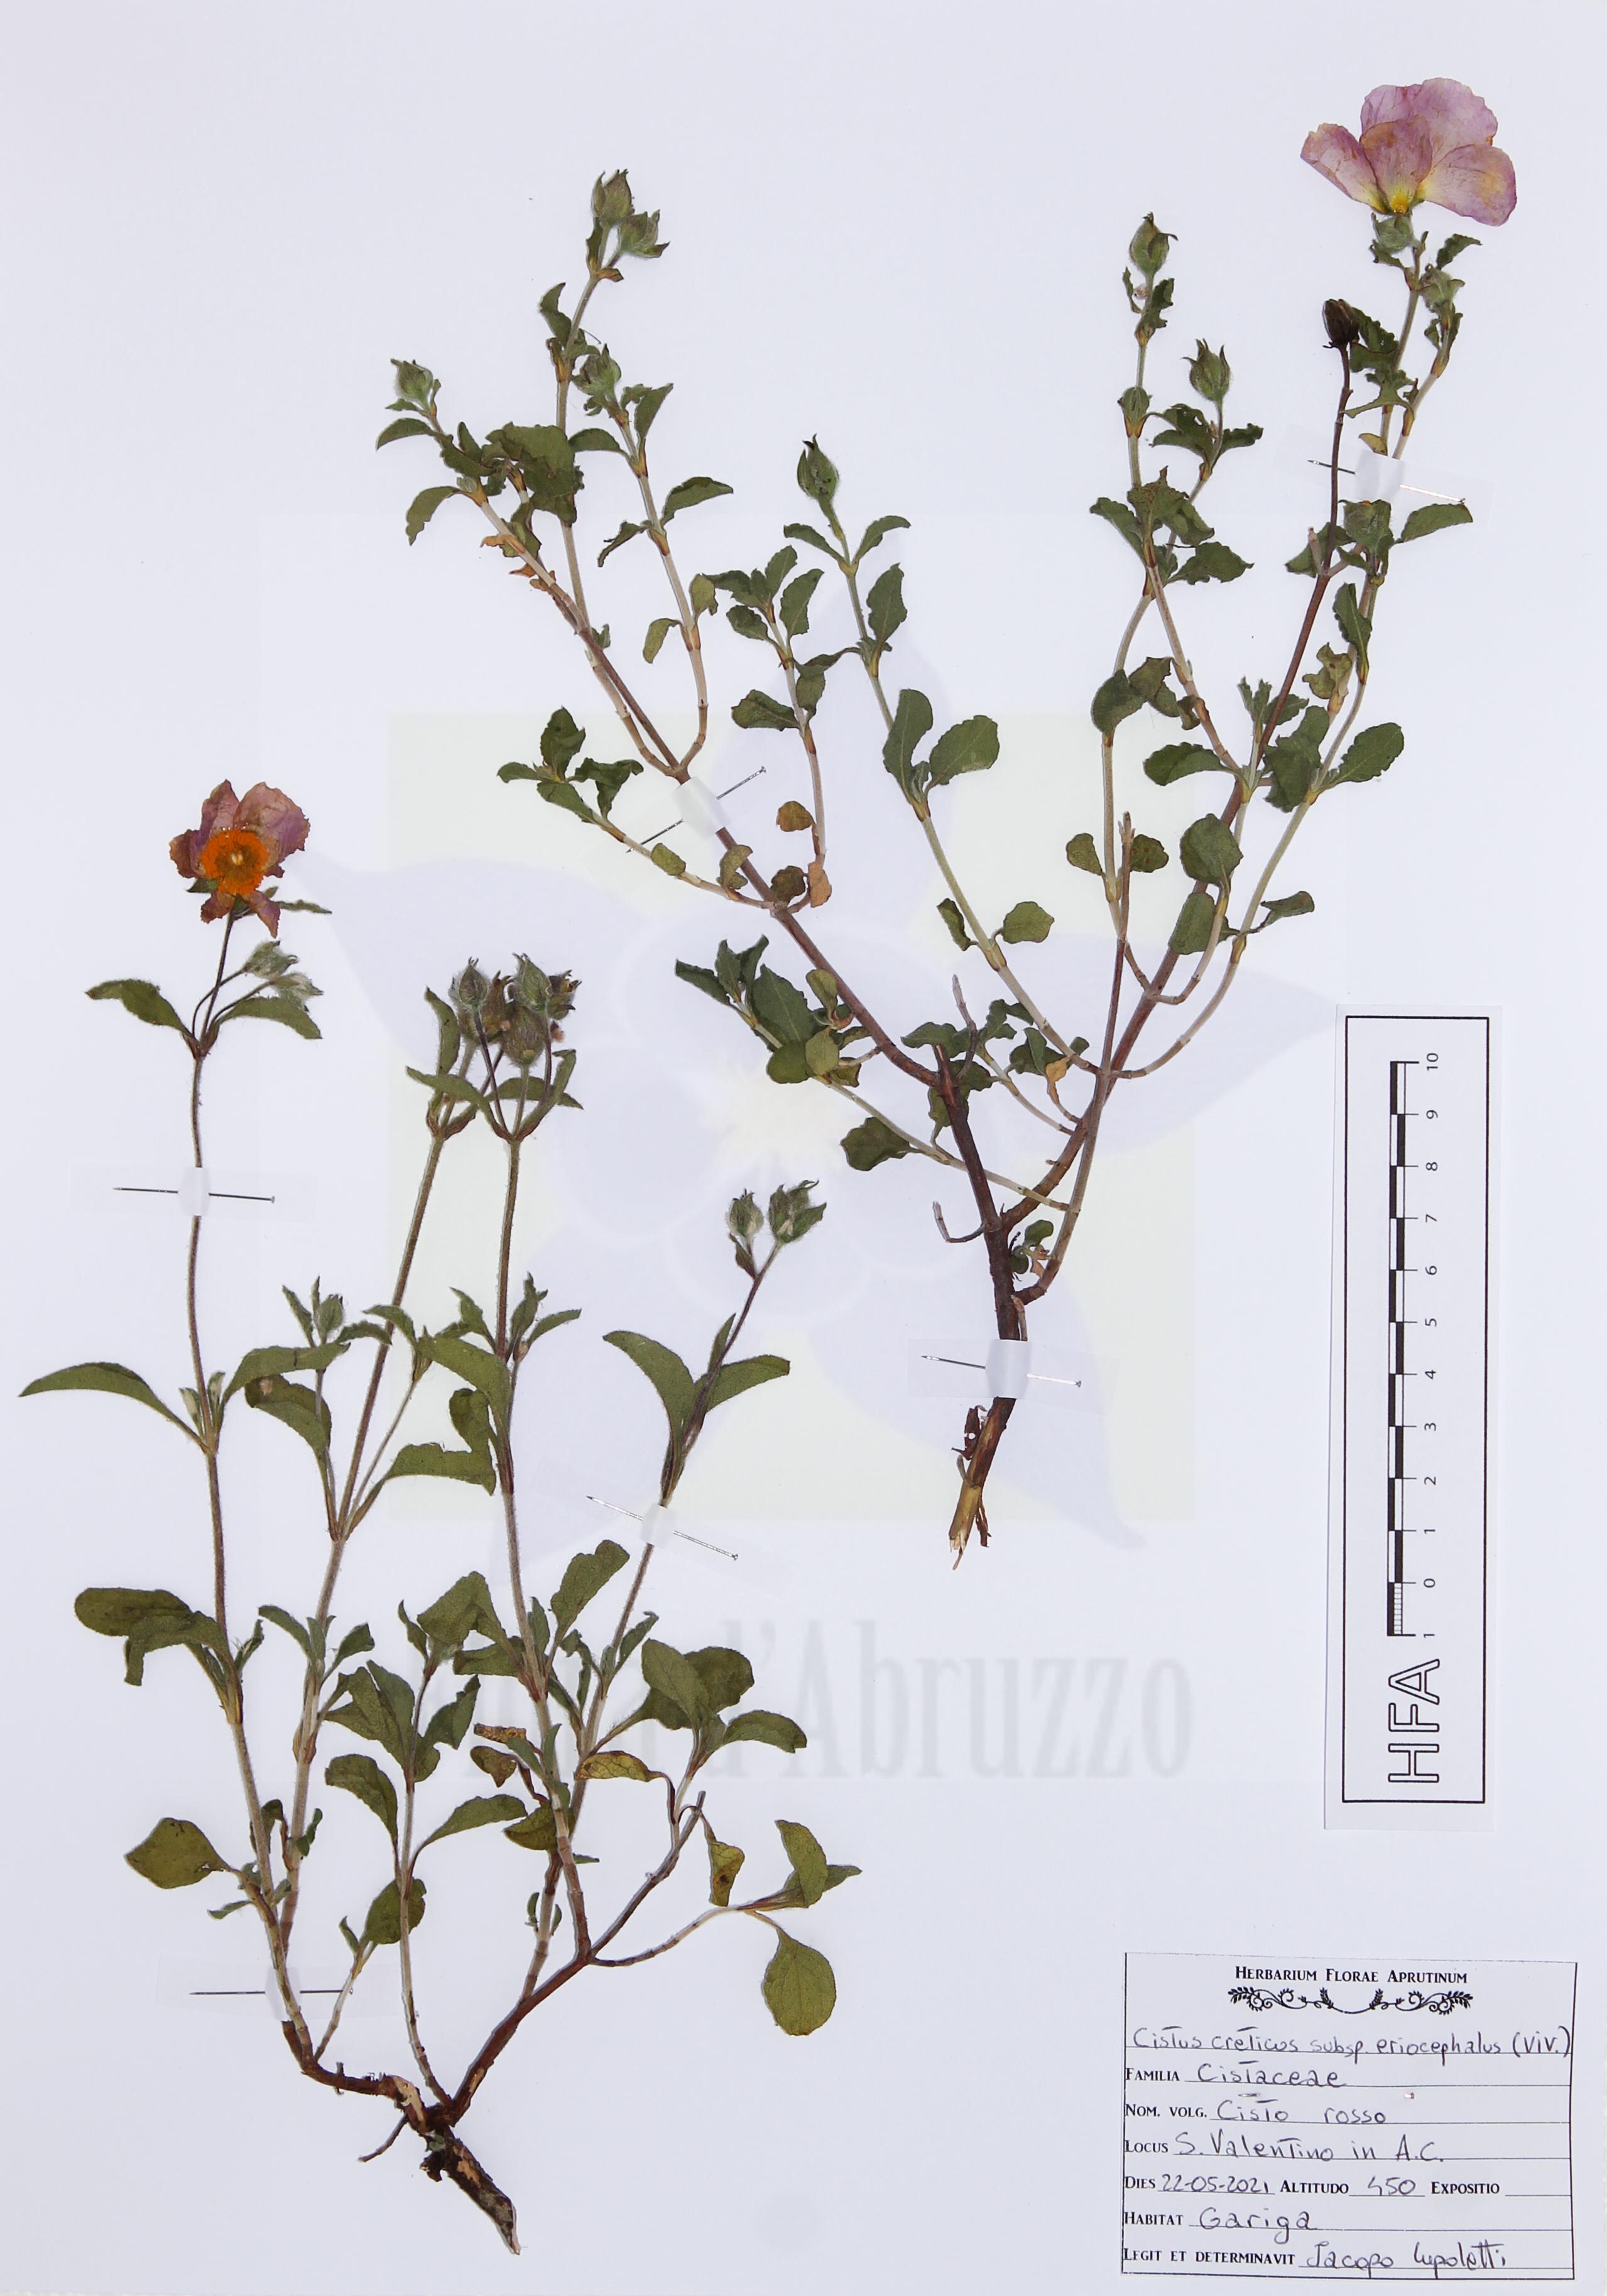 Cistus creticus subsp. eriocephalus (Viv.) Greuter & Burdet